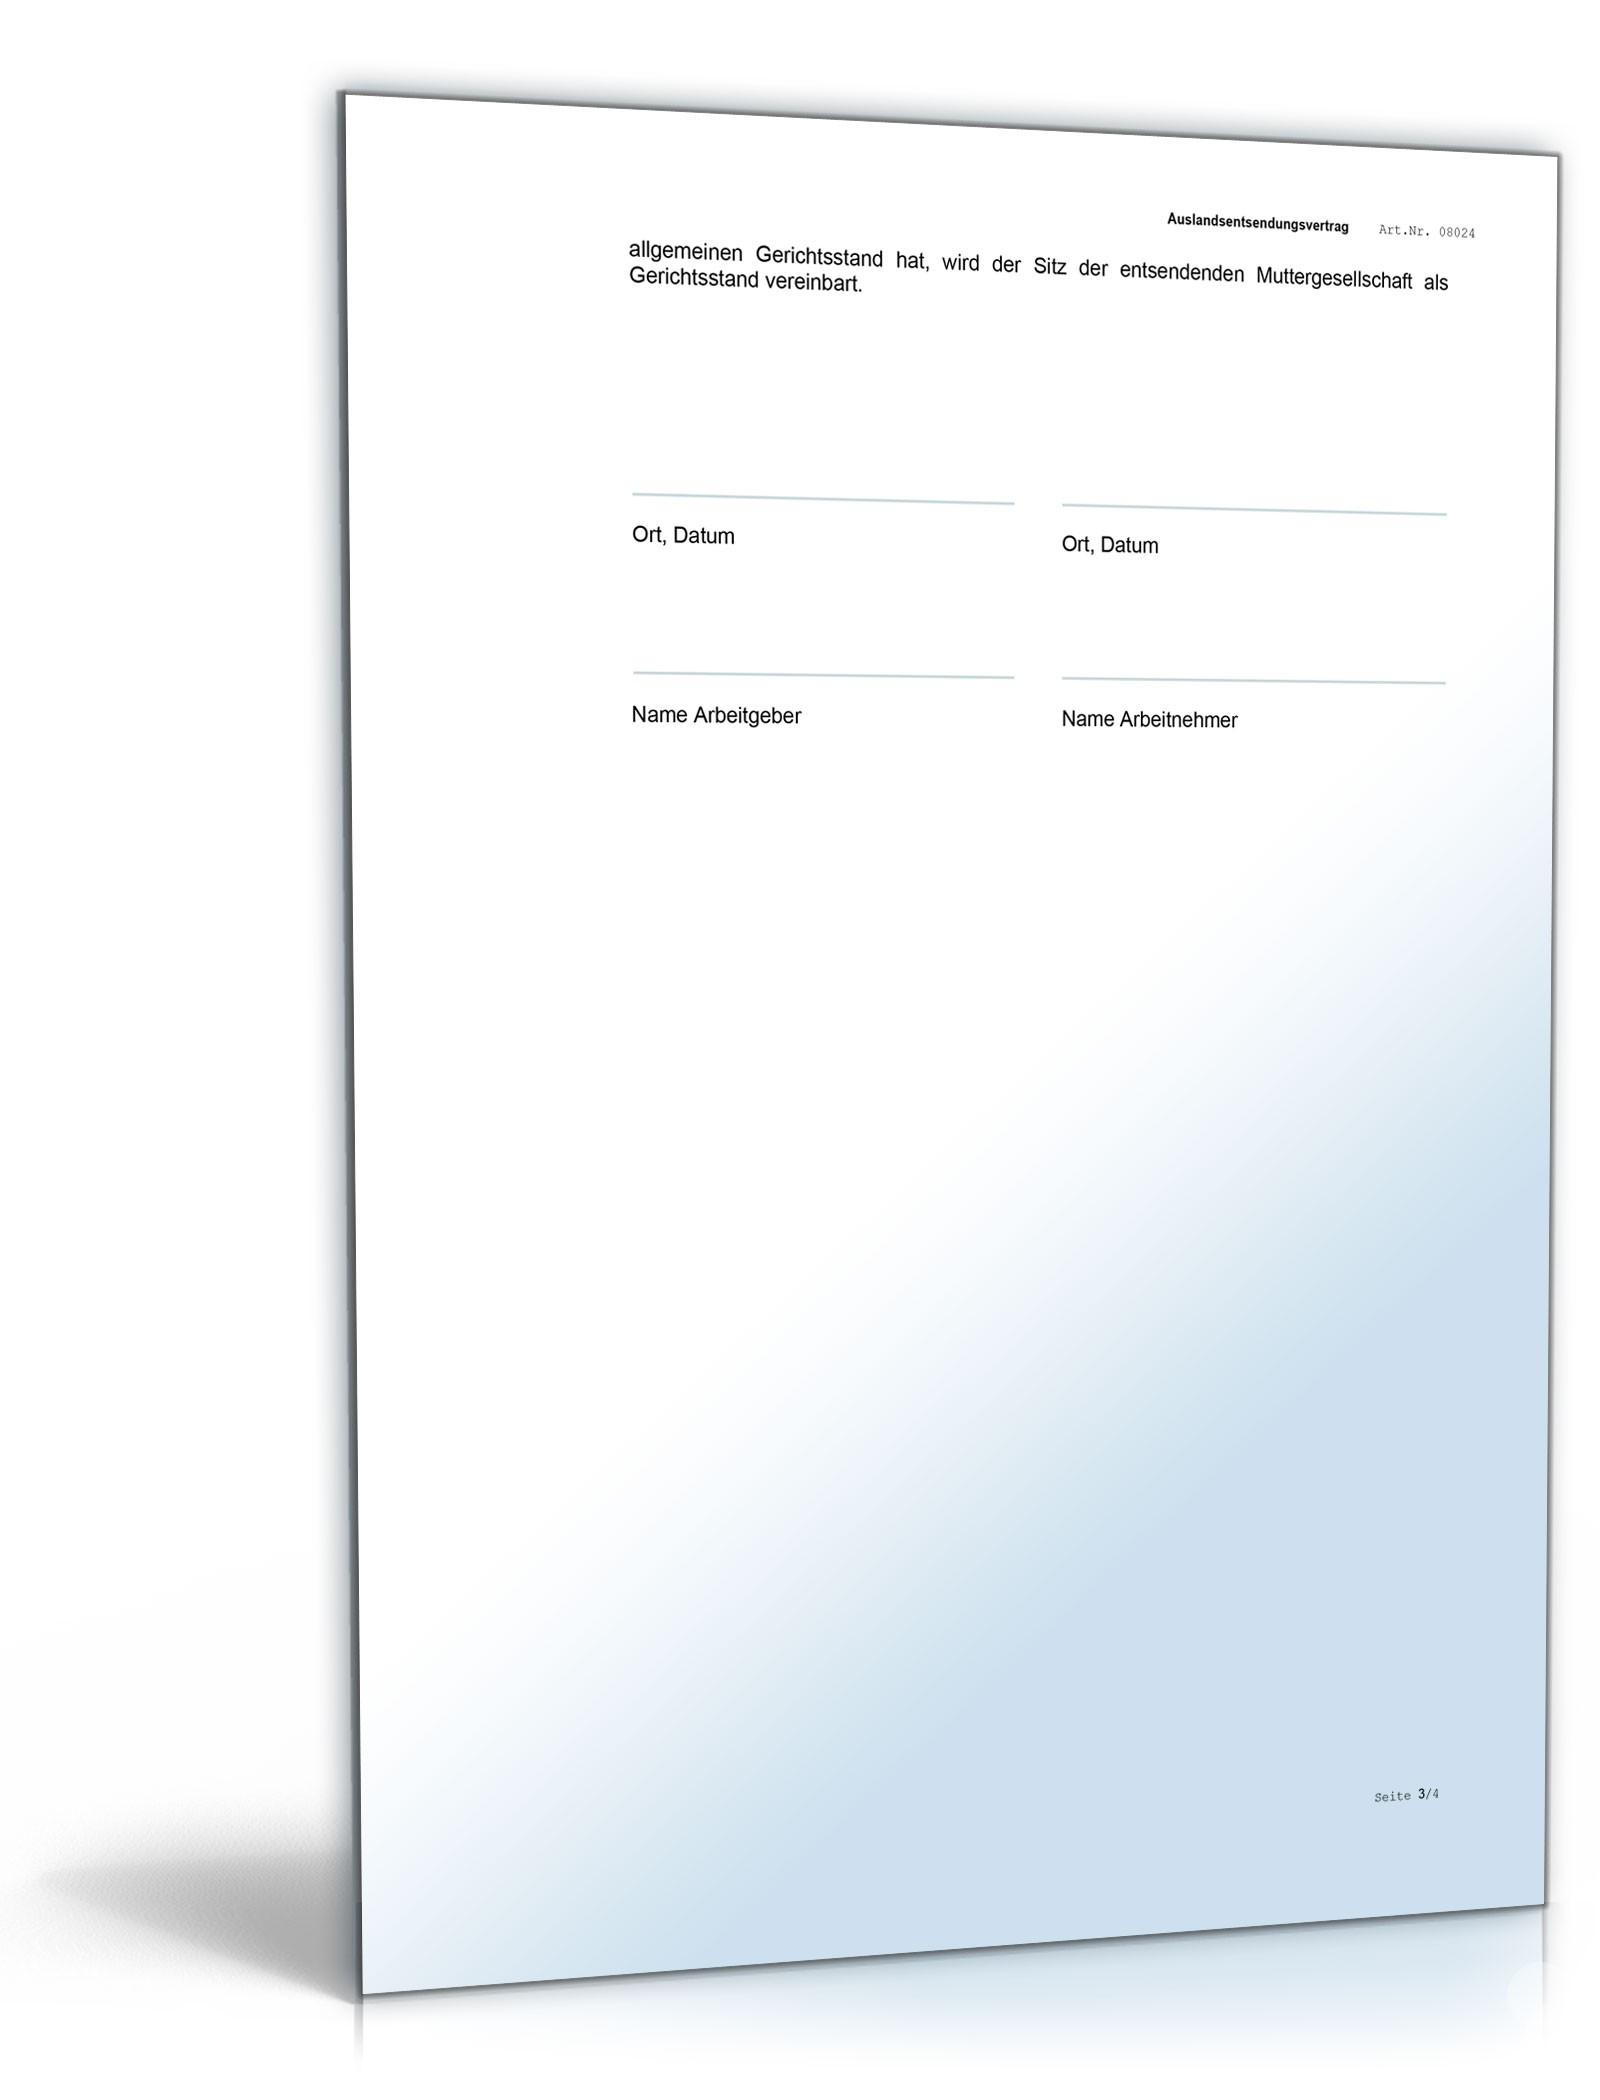 Arbeitsvertrag Zusatzvereinbarung Auslandsentsendung Muster Zum